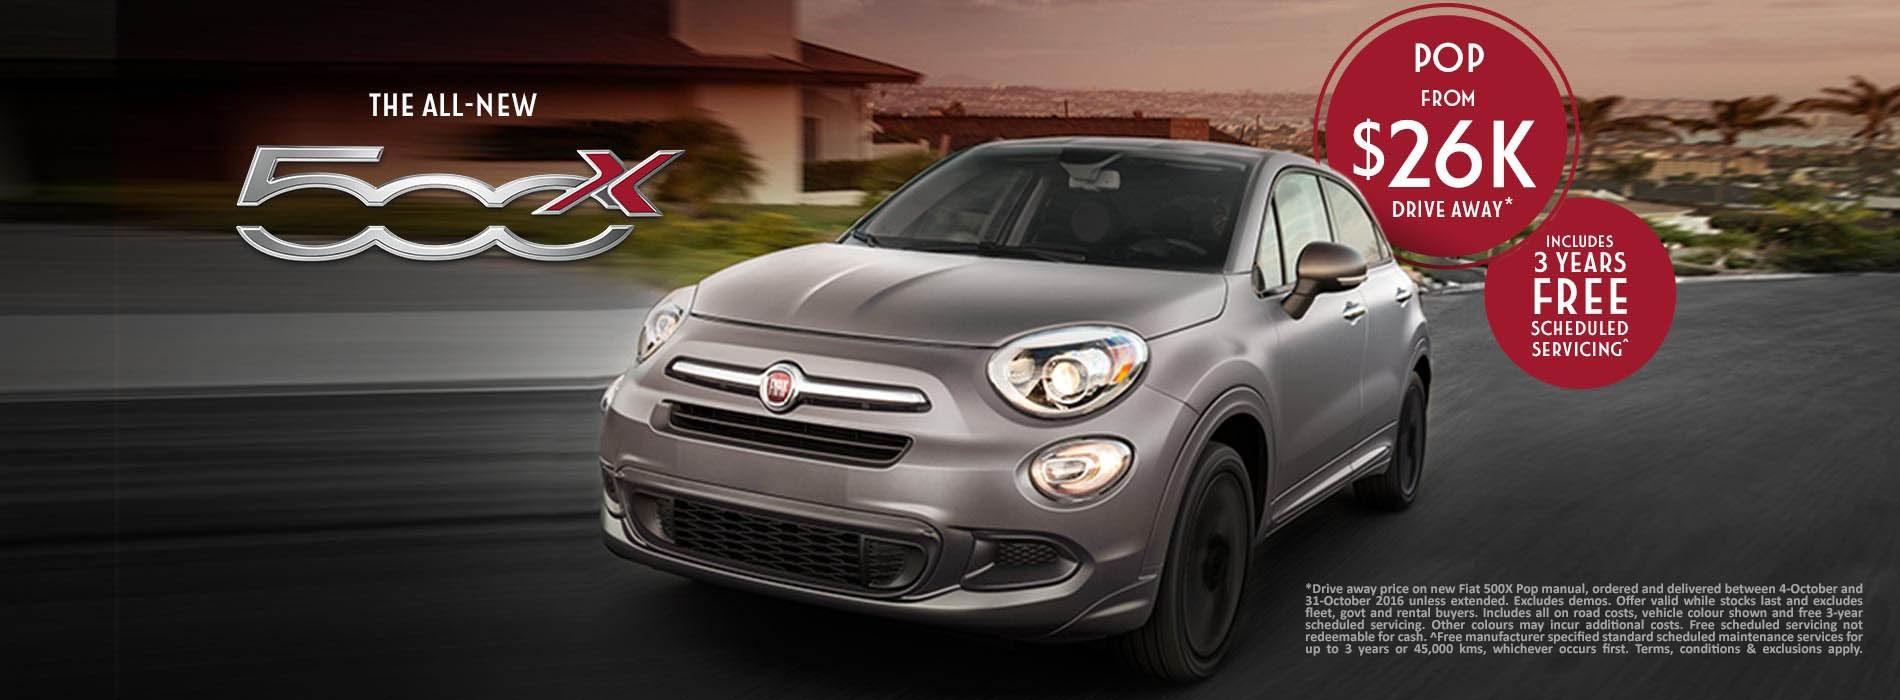 Fiat 500X Pop Offer